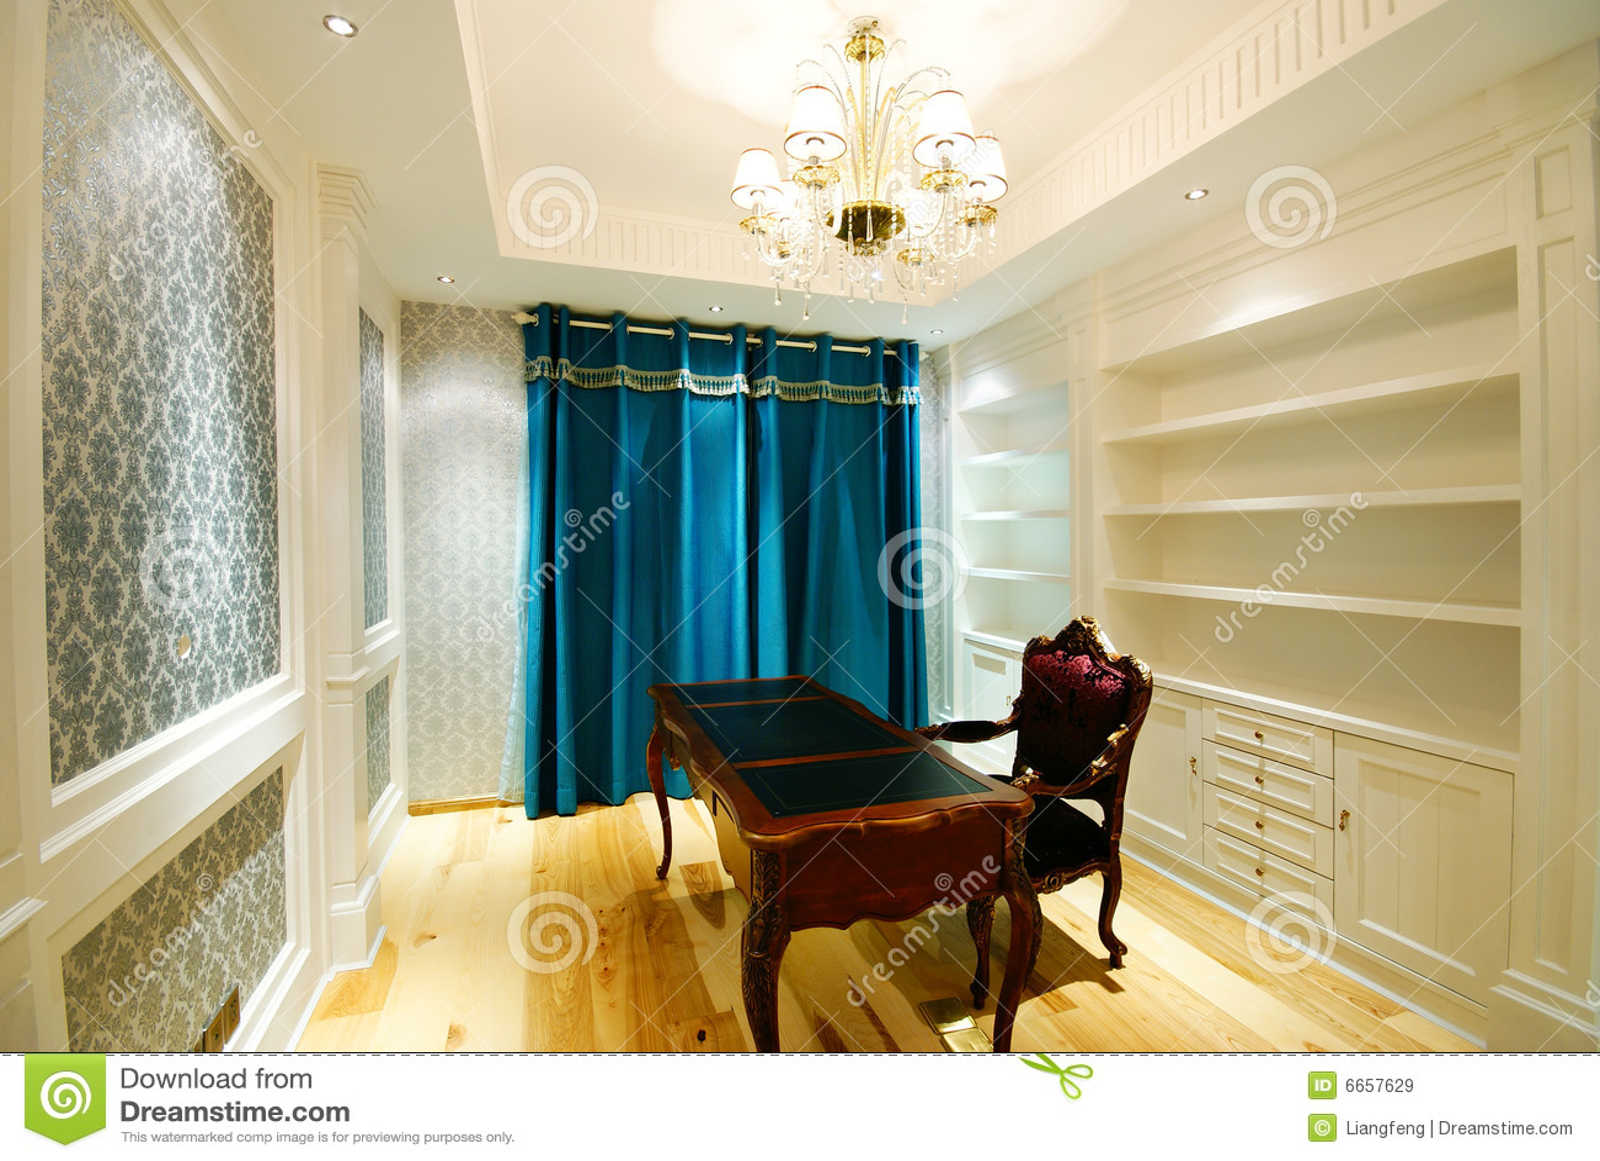 De decoratie van het huis royalty vrije stock afbeeldingen afbeelding 6657629 - Afbeelding van huisdecoratie ...